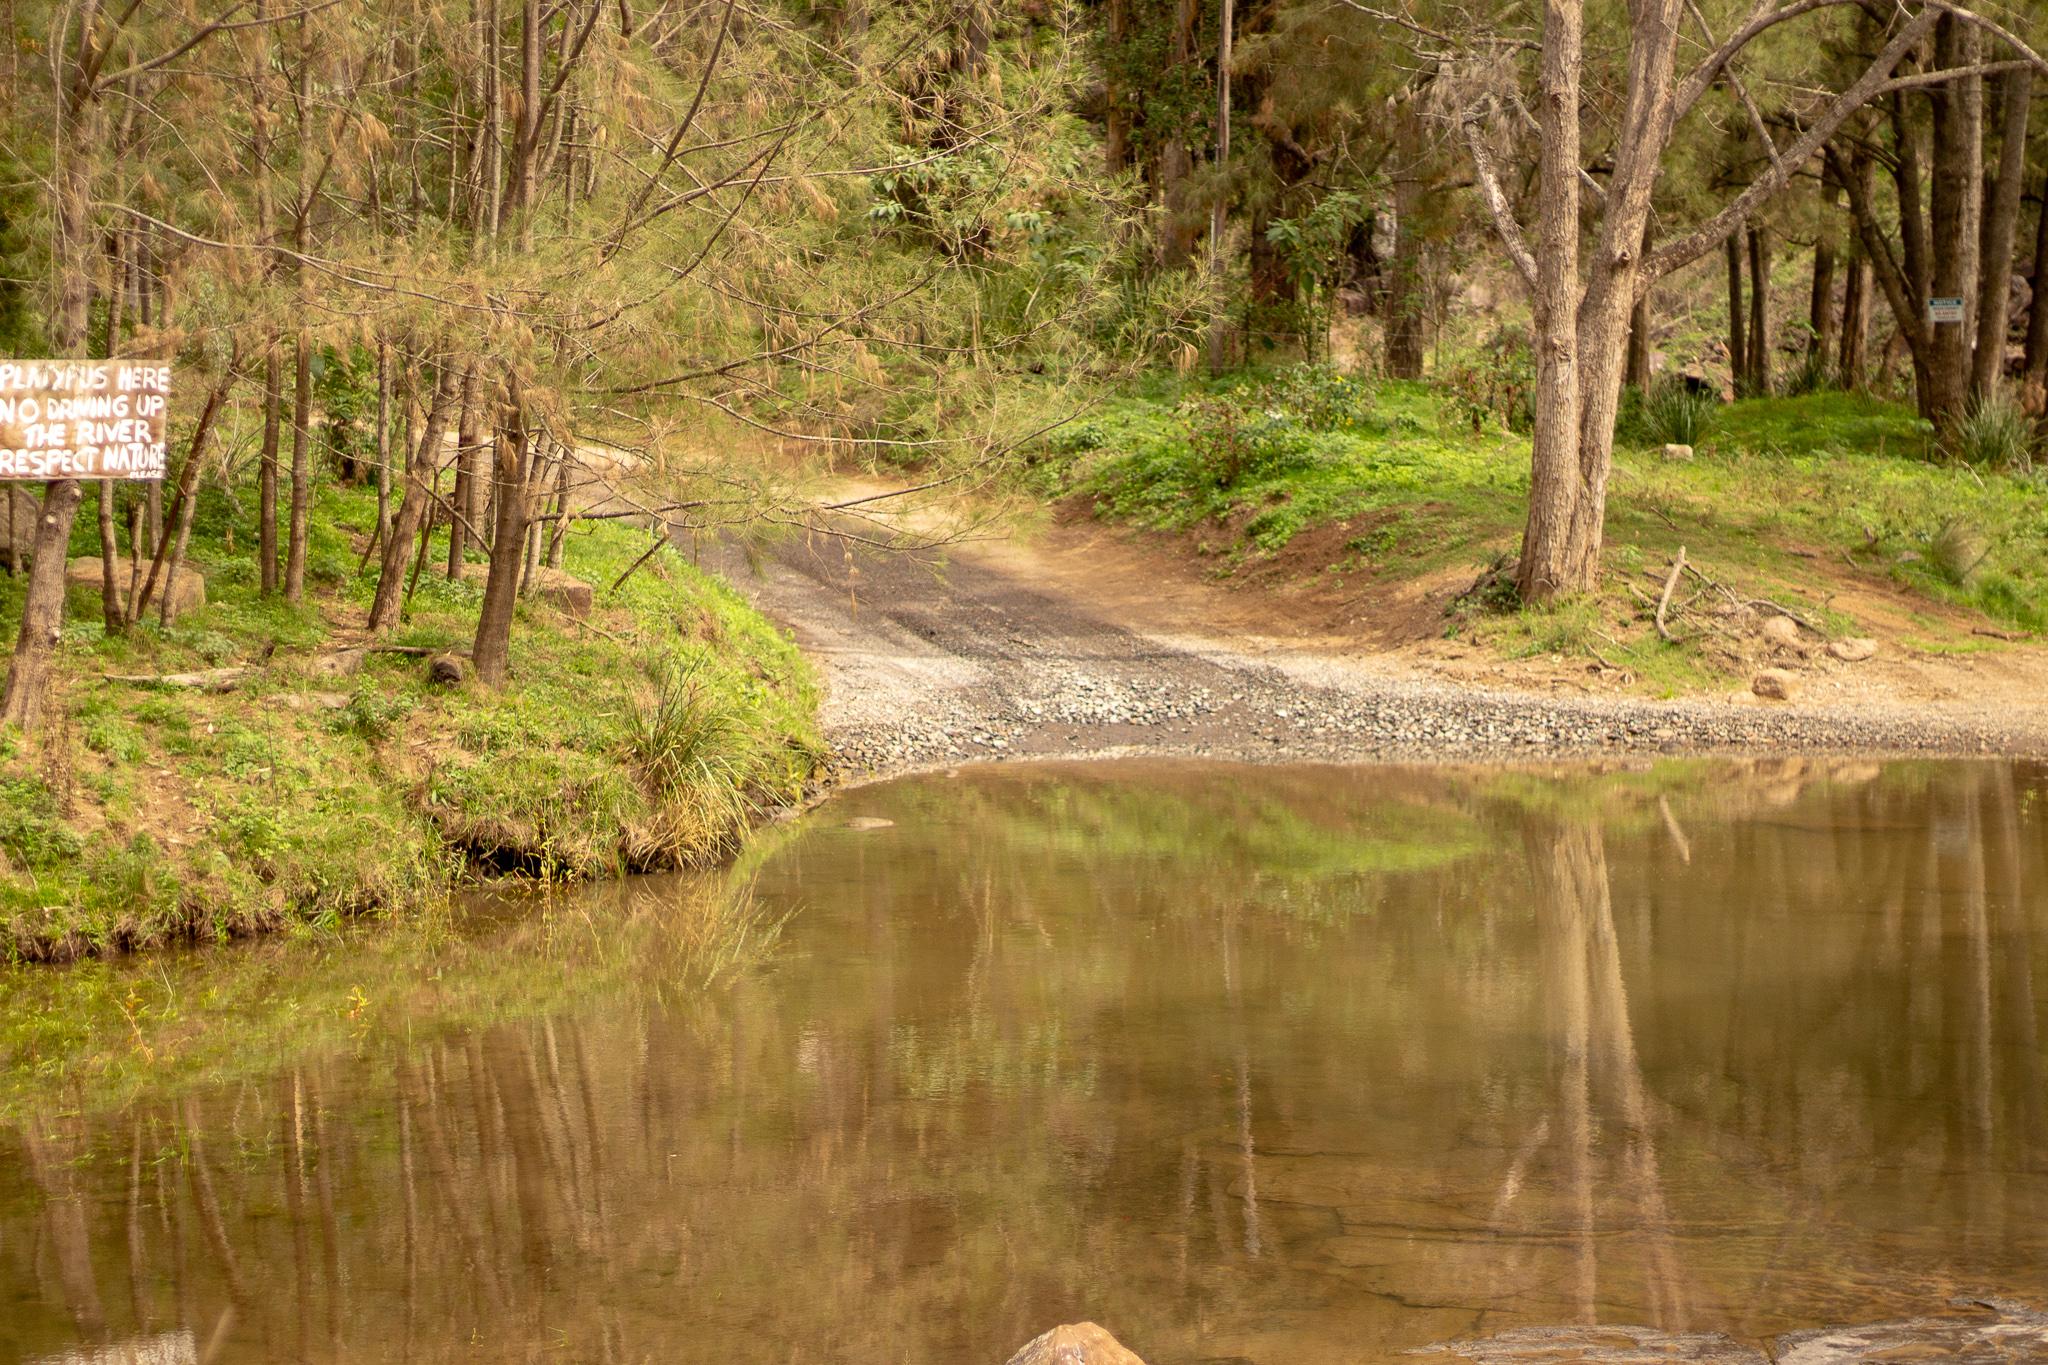 condamine river